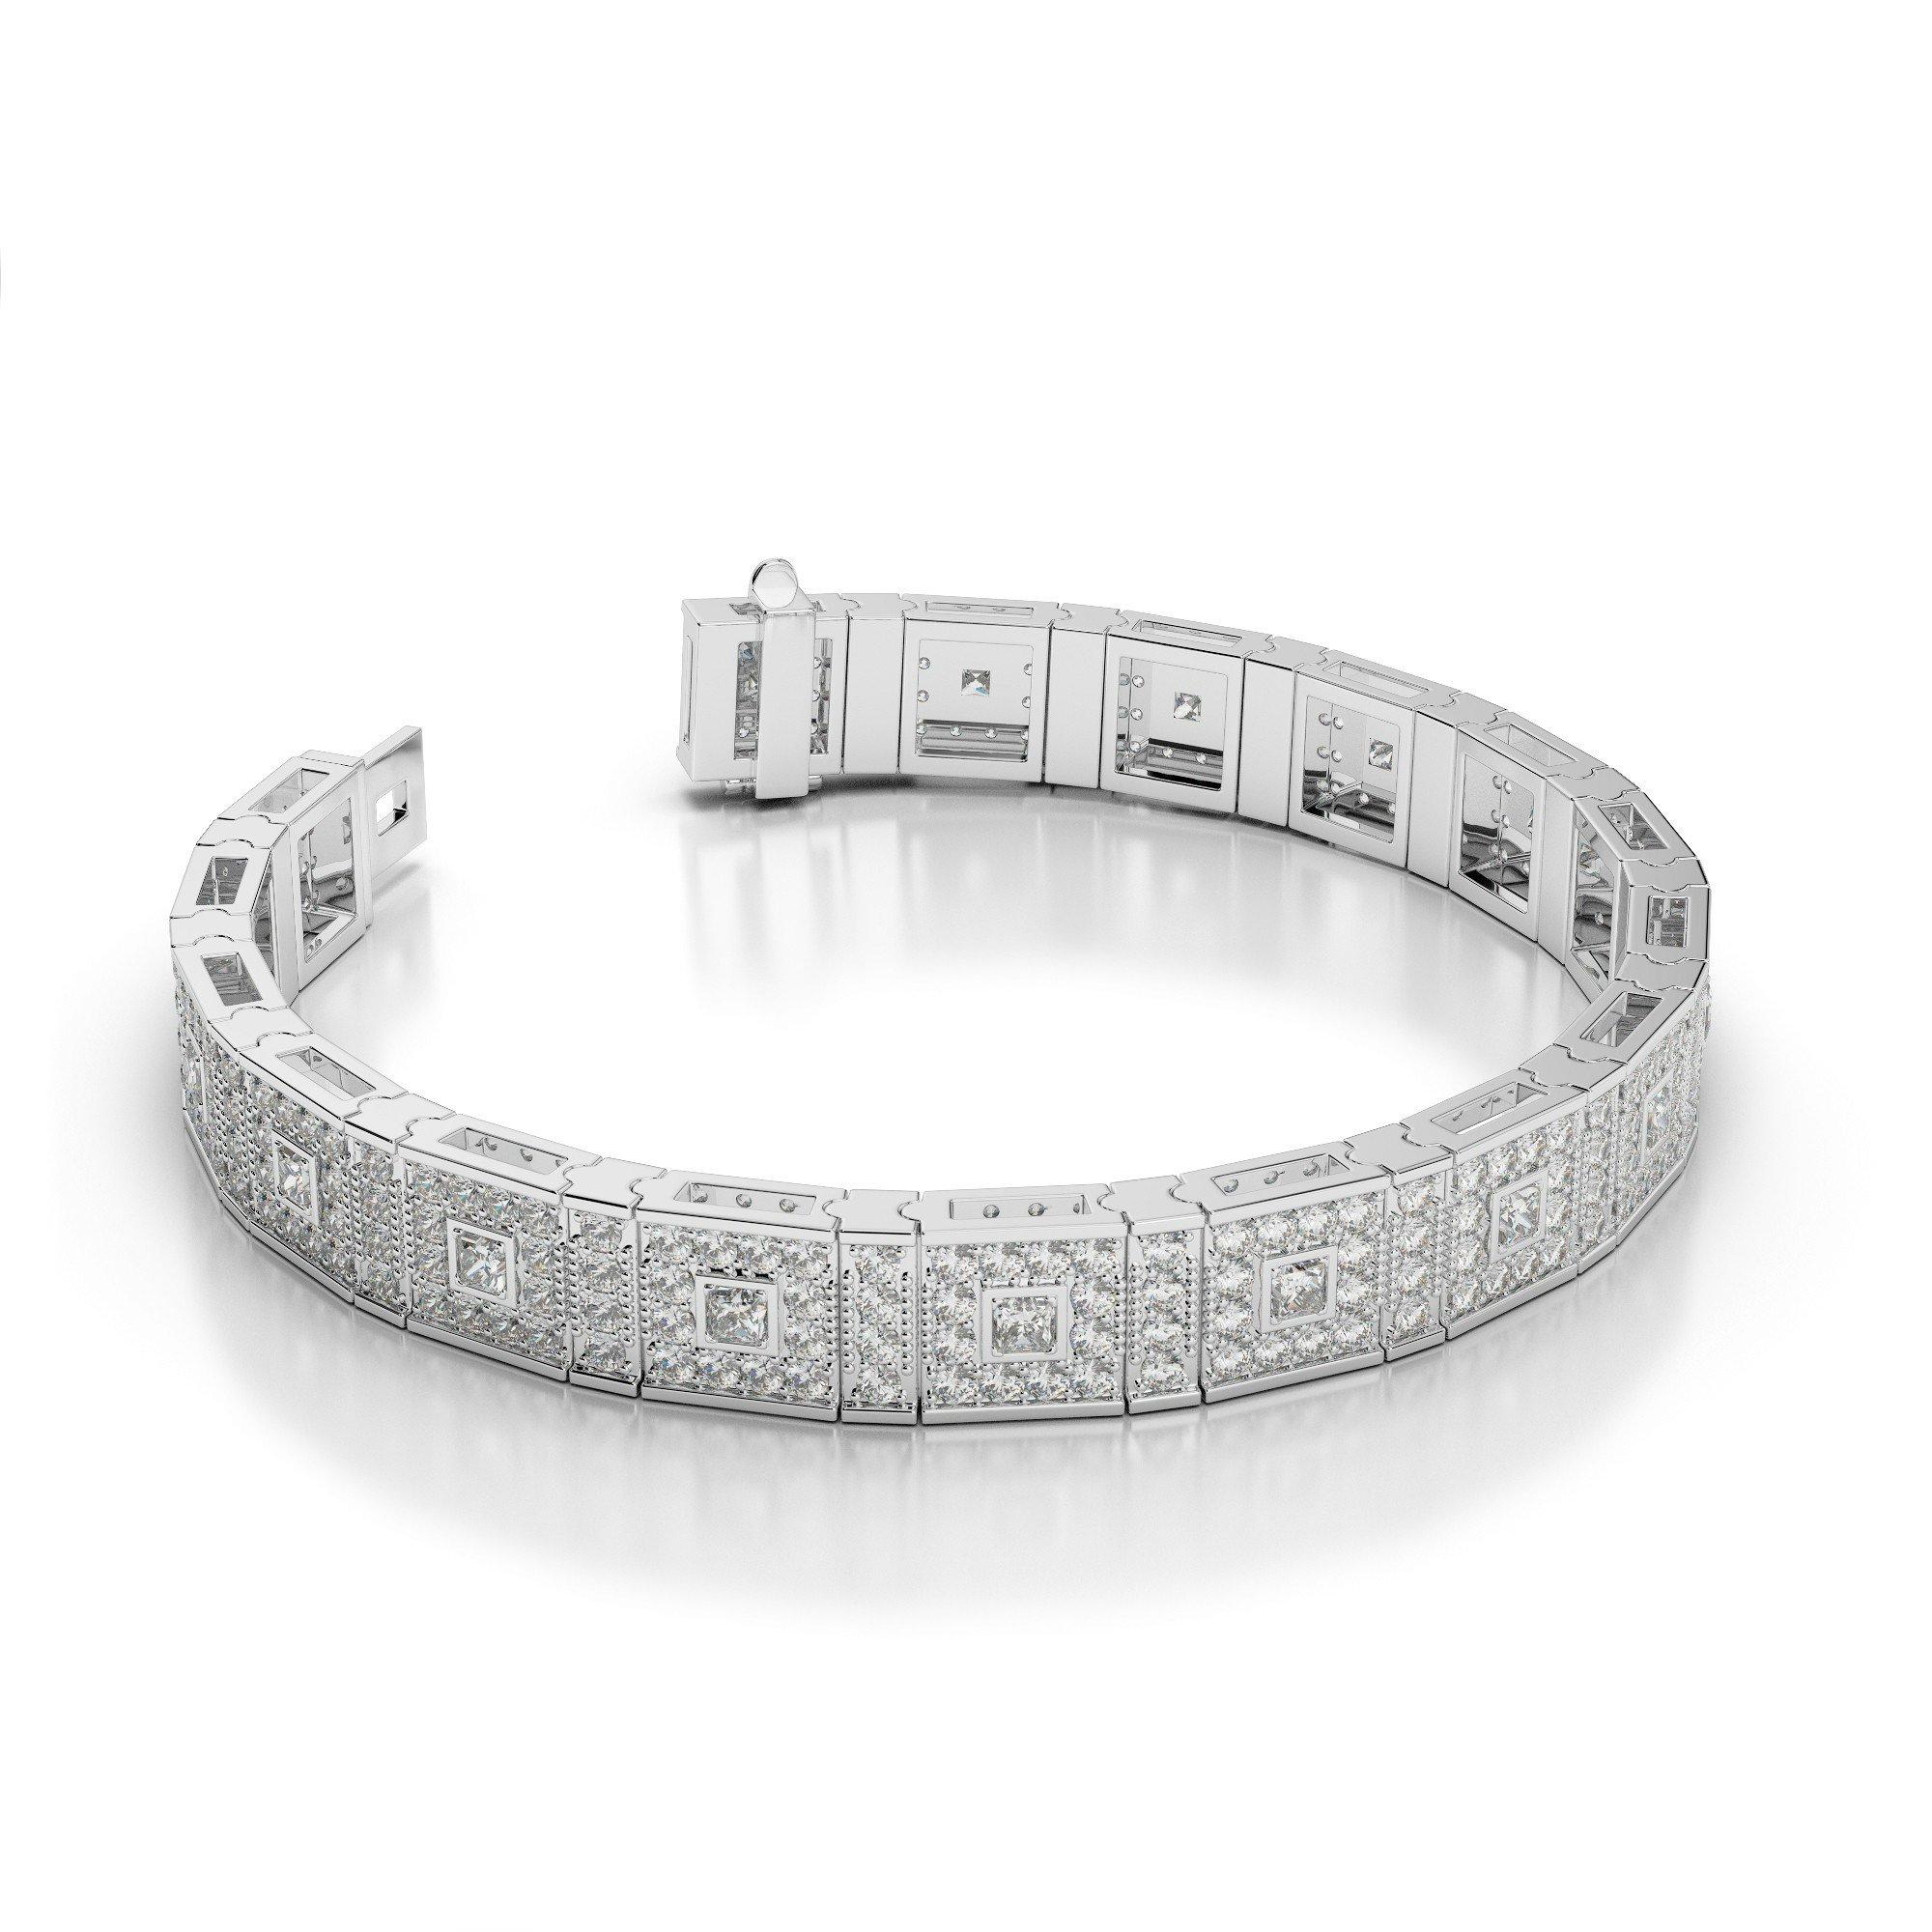 5.50 Carat Princess & Round Diamond Bracelet